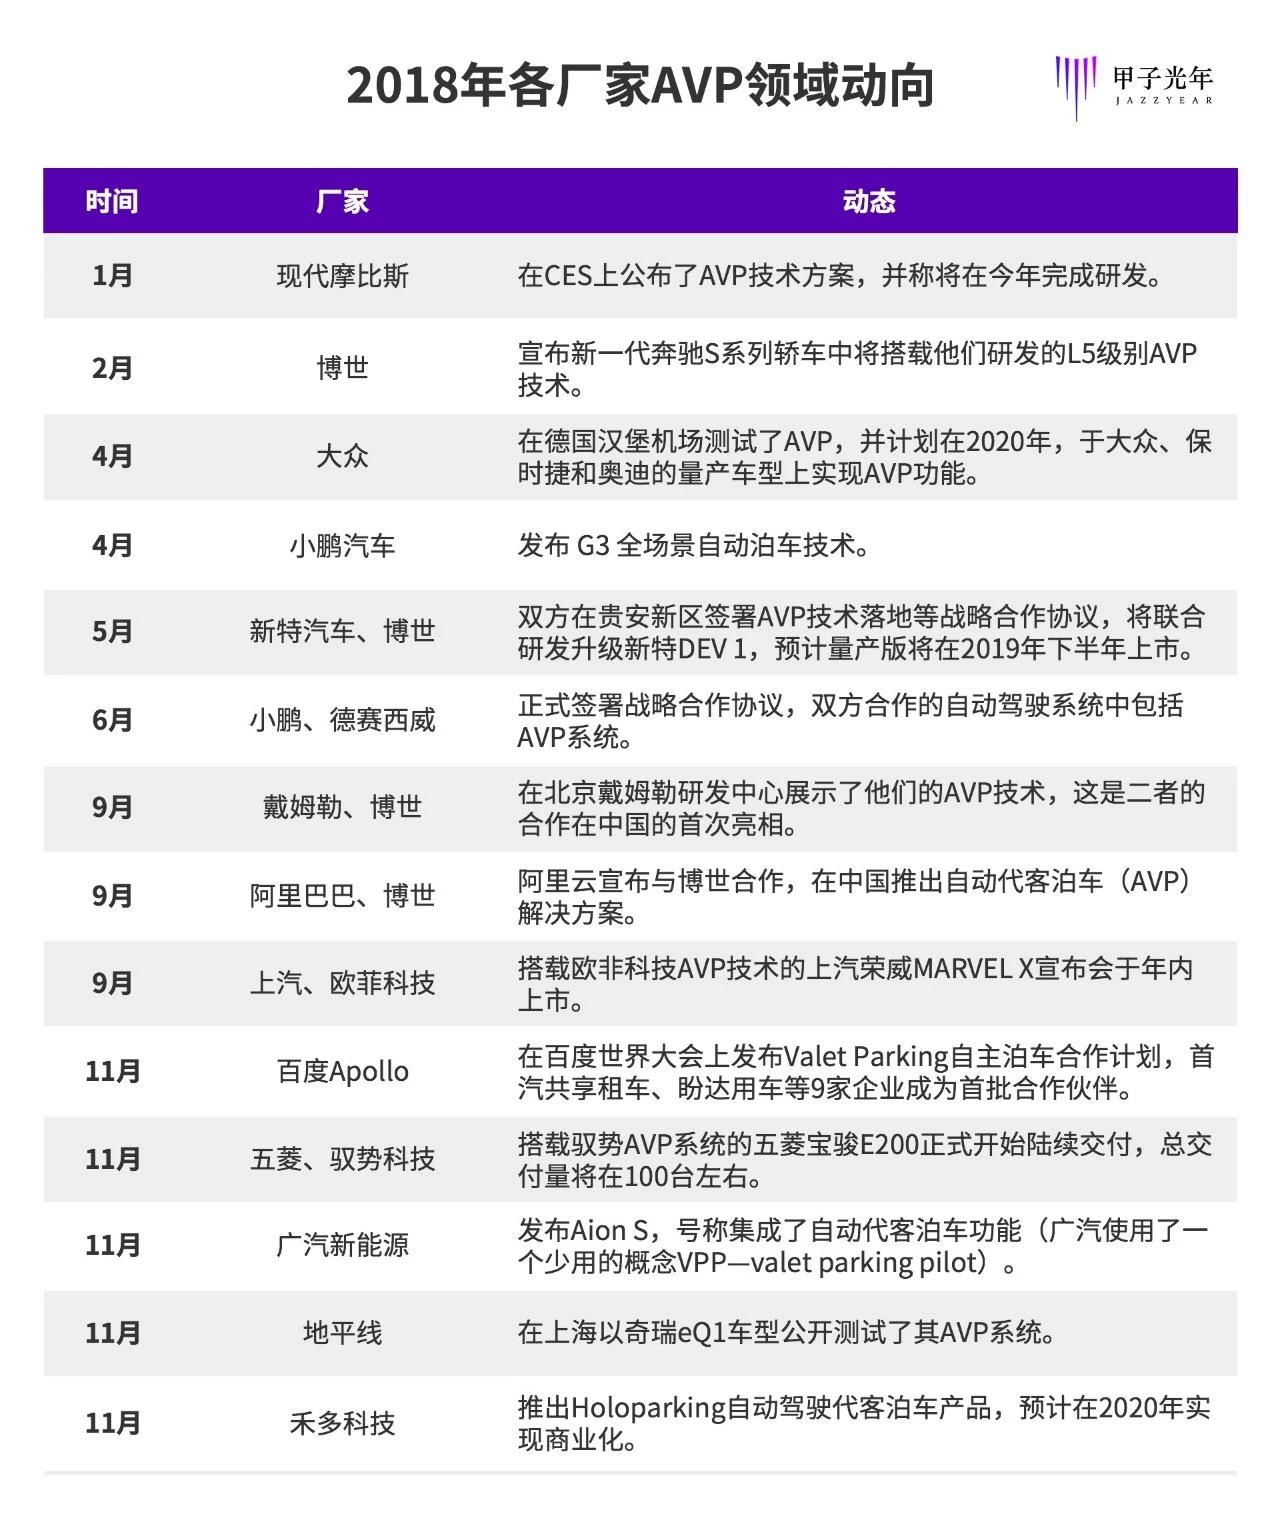 老虎机_2018各厂家AVP领域动向